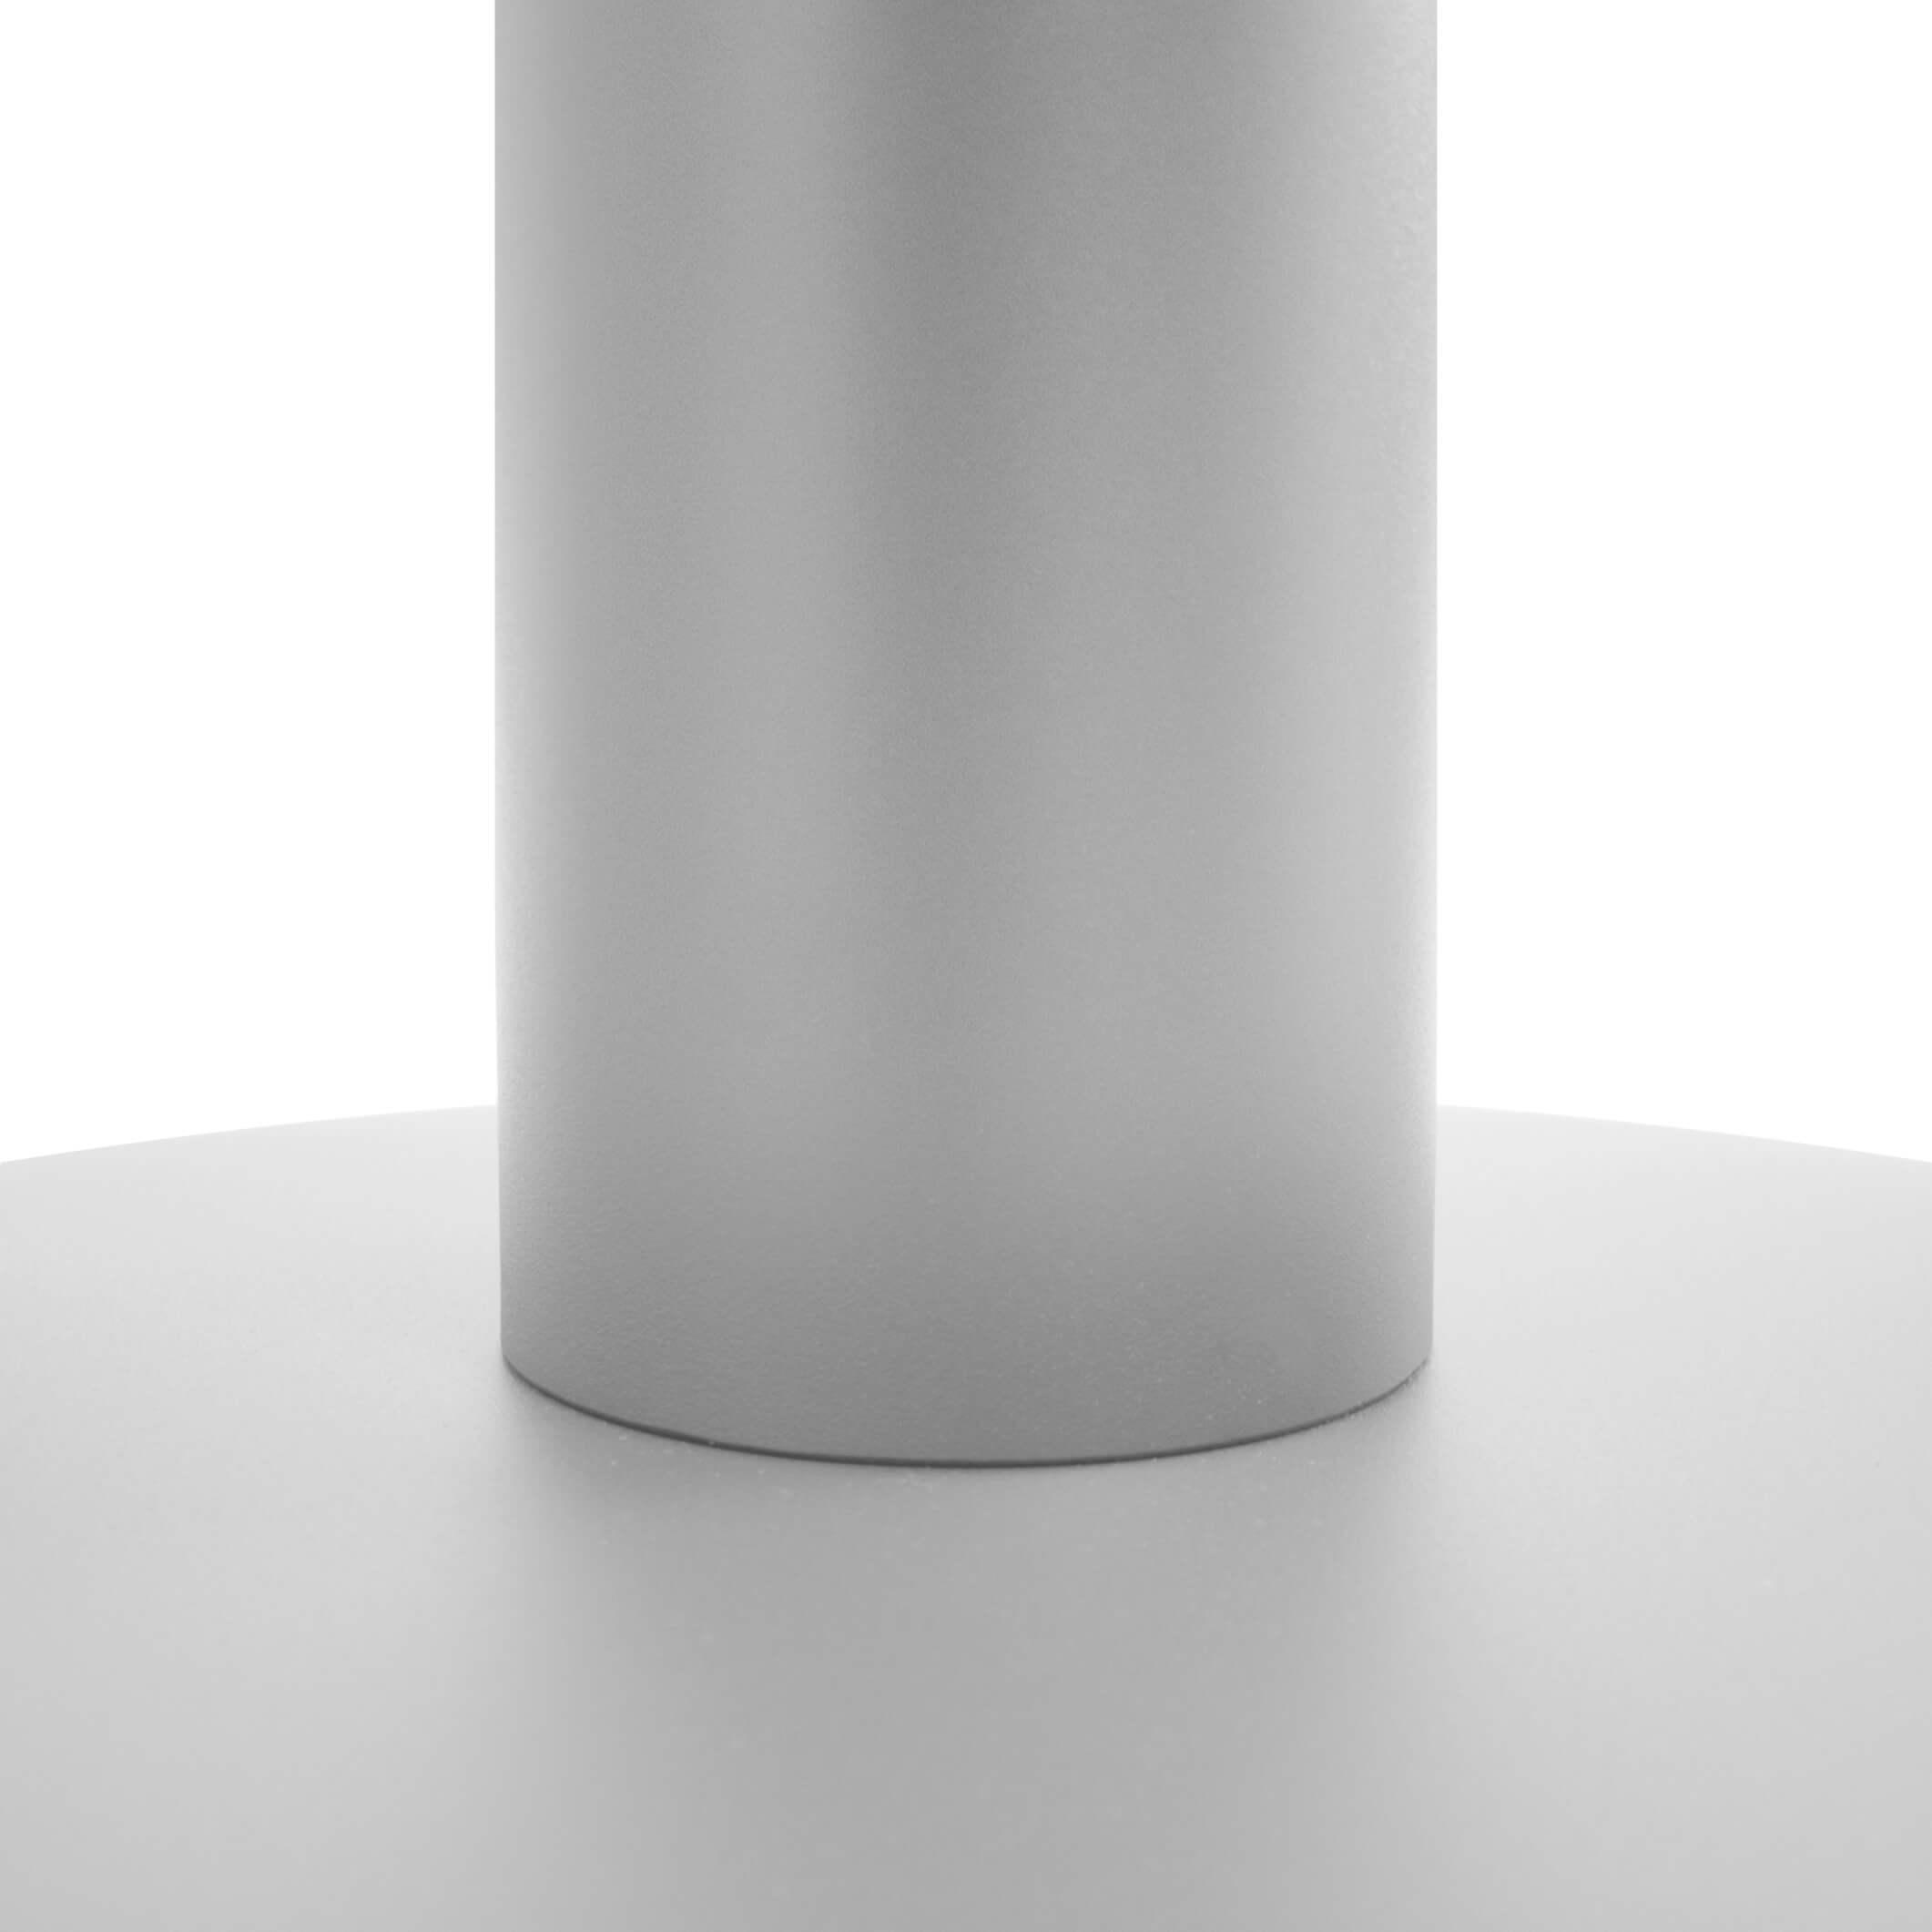 OPTIMA runder Besprechungstisch Esstisch Küchentisch Tisch Bernstein-Eiche Rund Ø 100 cm